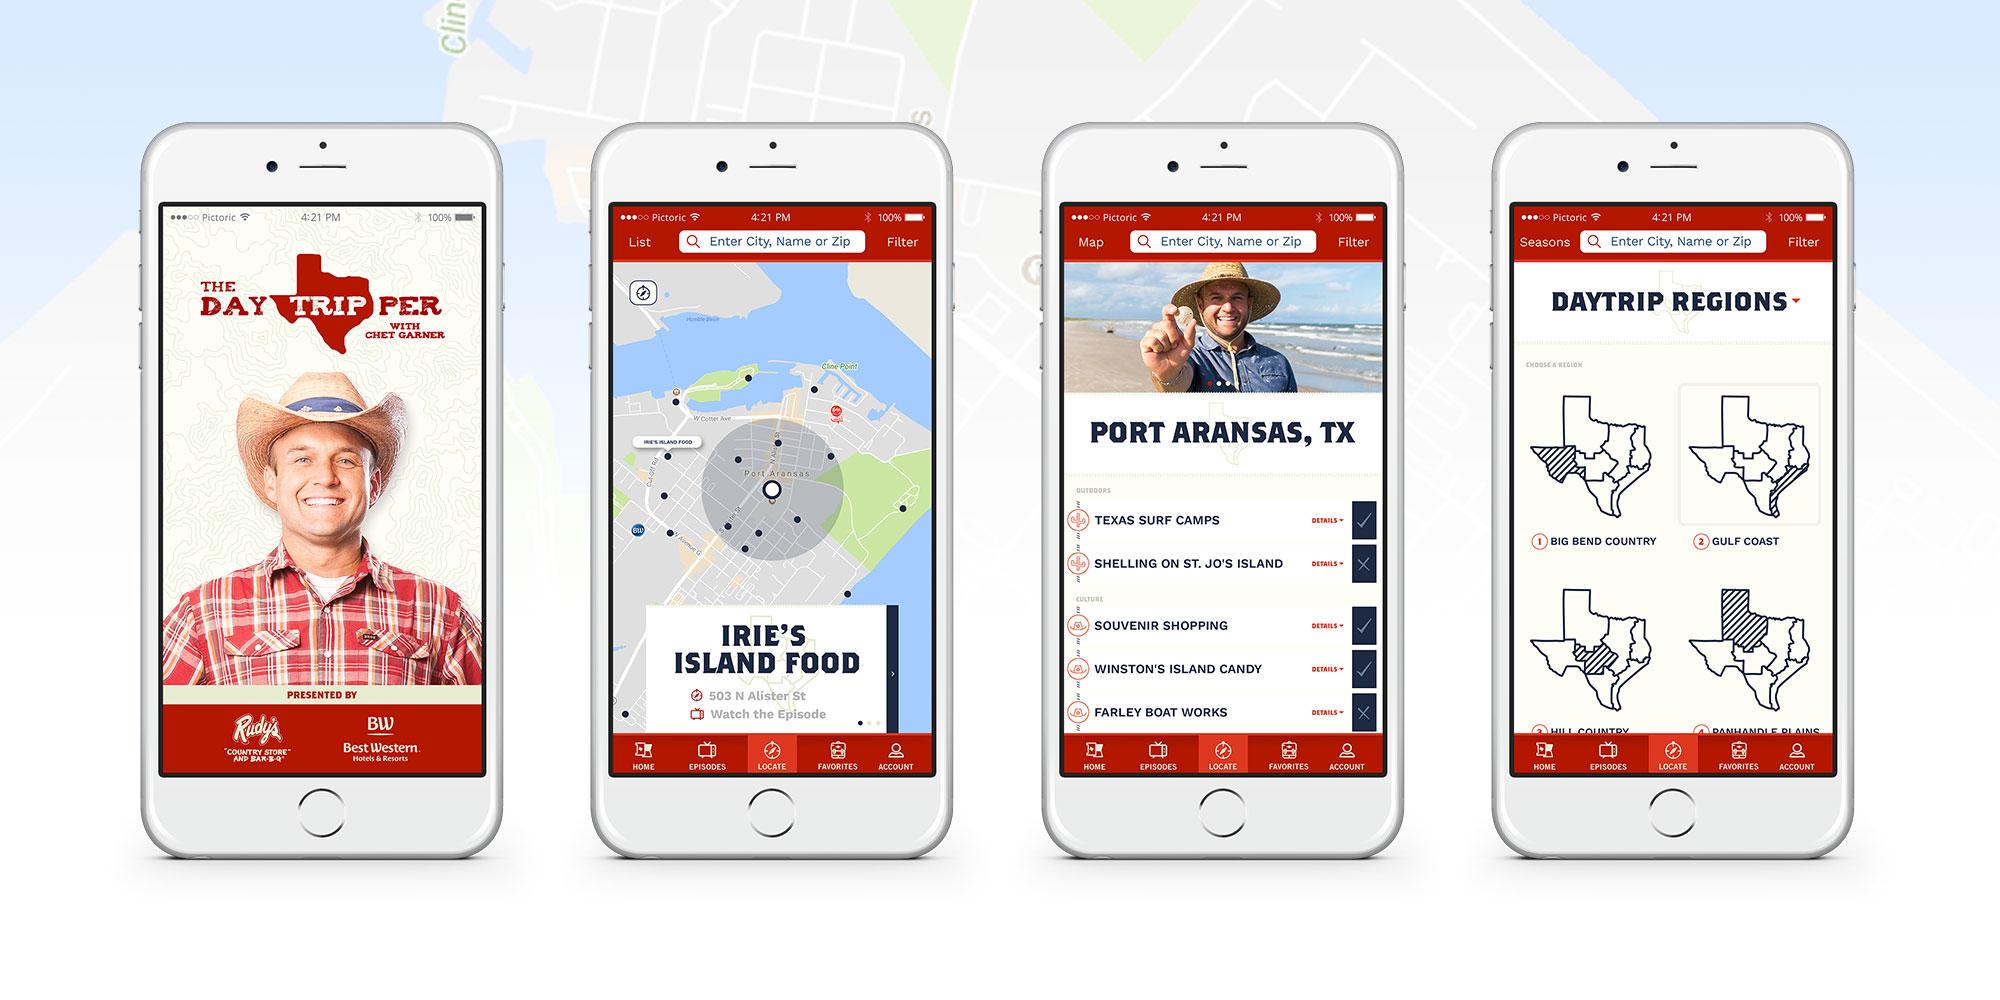 The Daytripper App Design